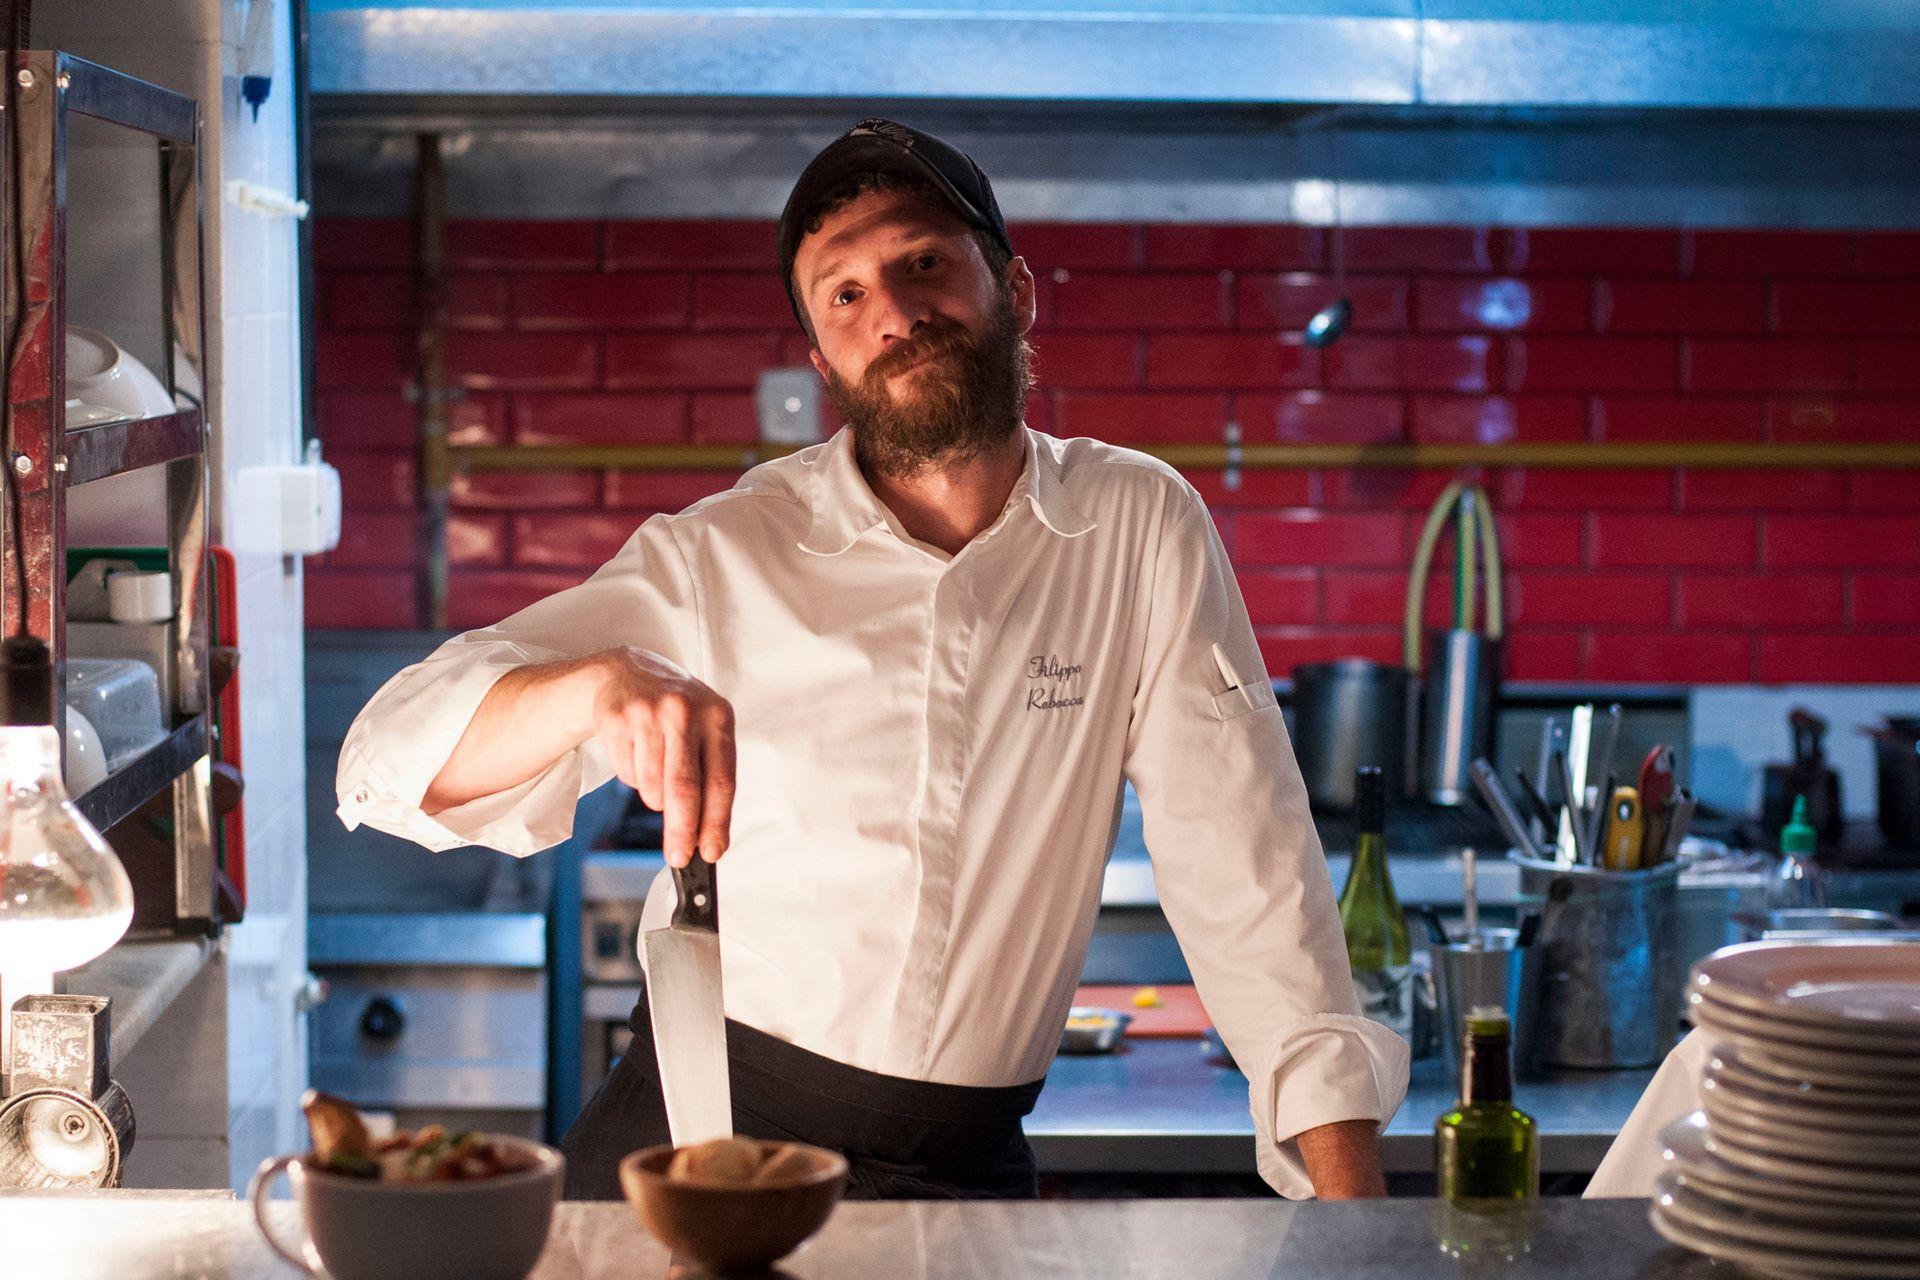 Pippo llegó a Buenos Aires en 2006 y recién hace 10 meses abrió su primer restaurante